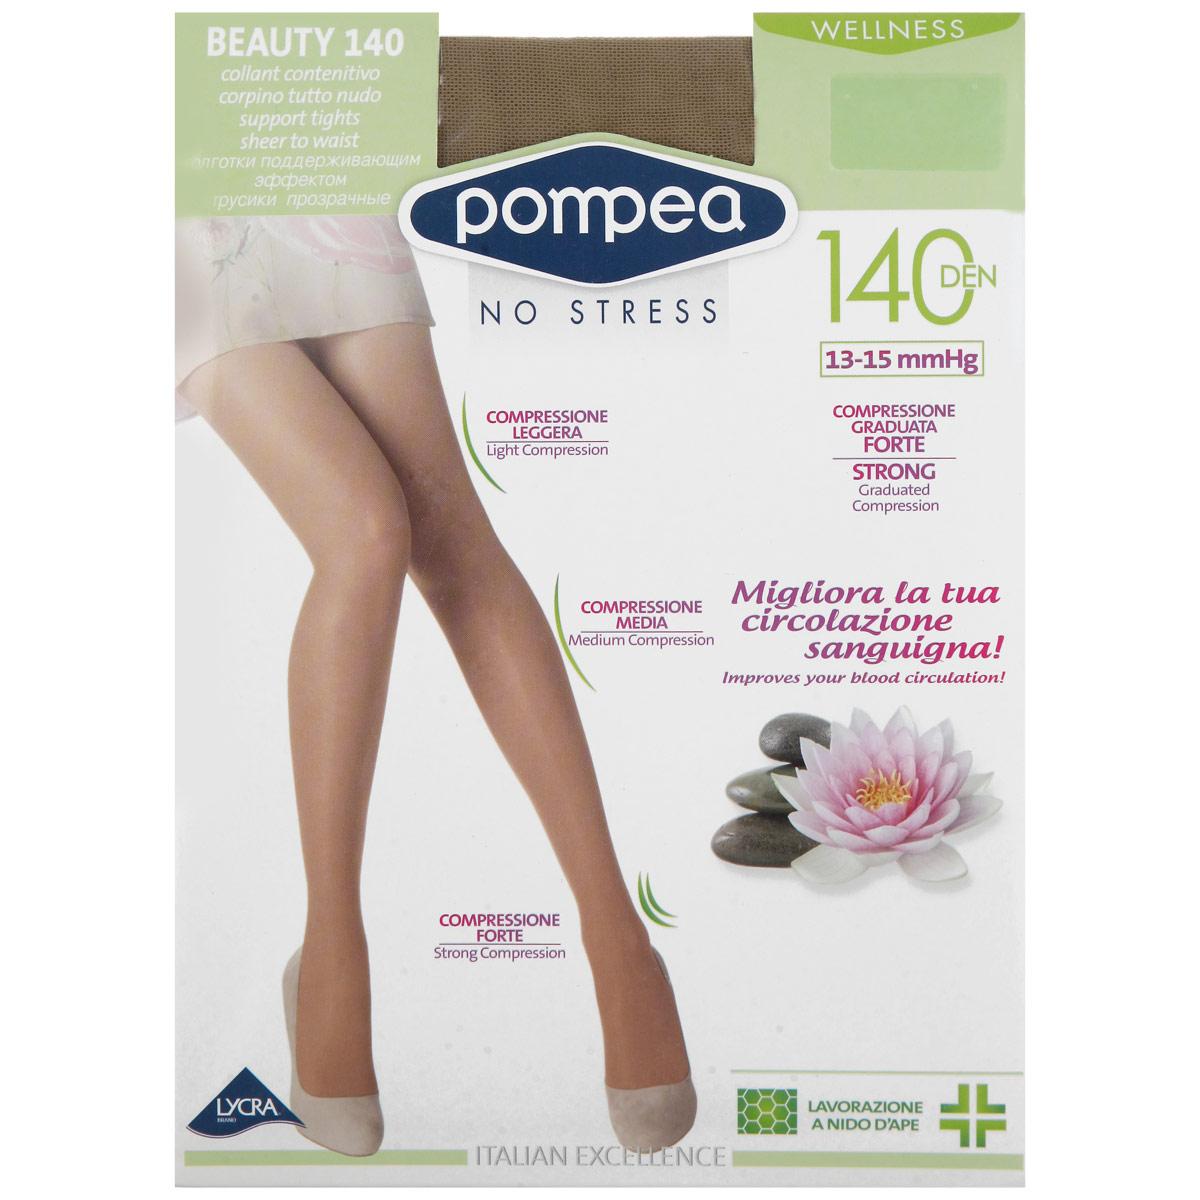 Колготки Intensive Beauty Wellness 140. 9076783590767835_NatureКолготки женские плотностью 140 Ден, без трусиков, вязка соты, плоские швы, ластовица из хлопка, укрепленные носок и пятка, с эффектом стимулирующим кровообращение в ноге. Нить двойного плетения (3д лайкра), градуированная компрессия 13-15mm/Hg.